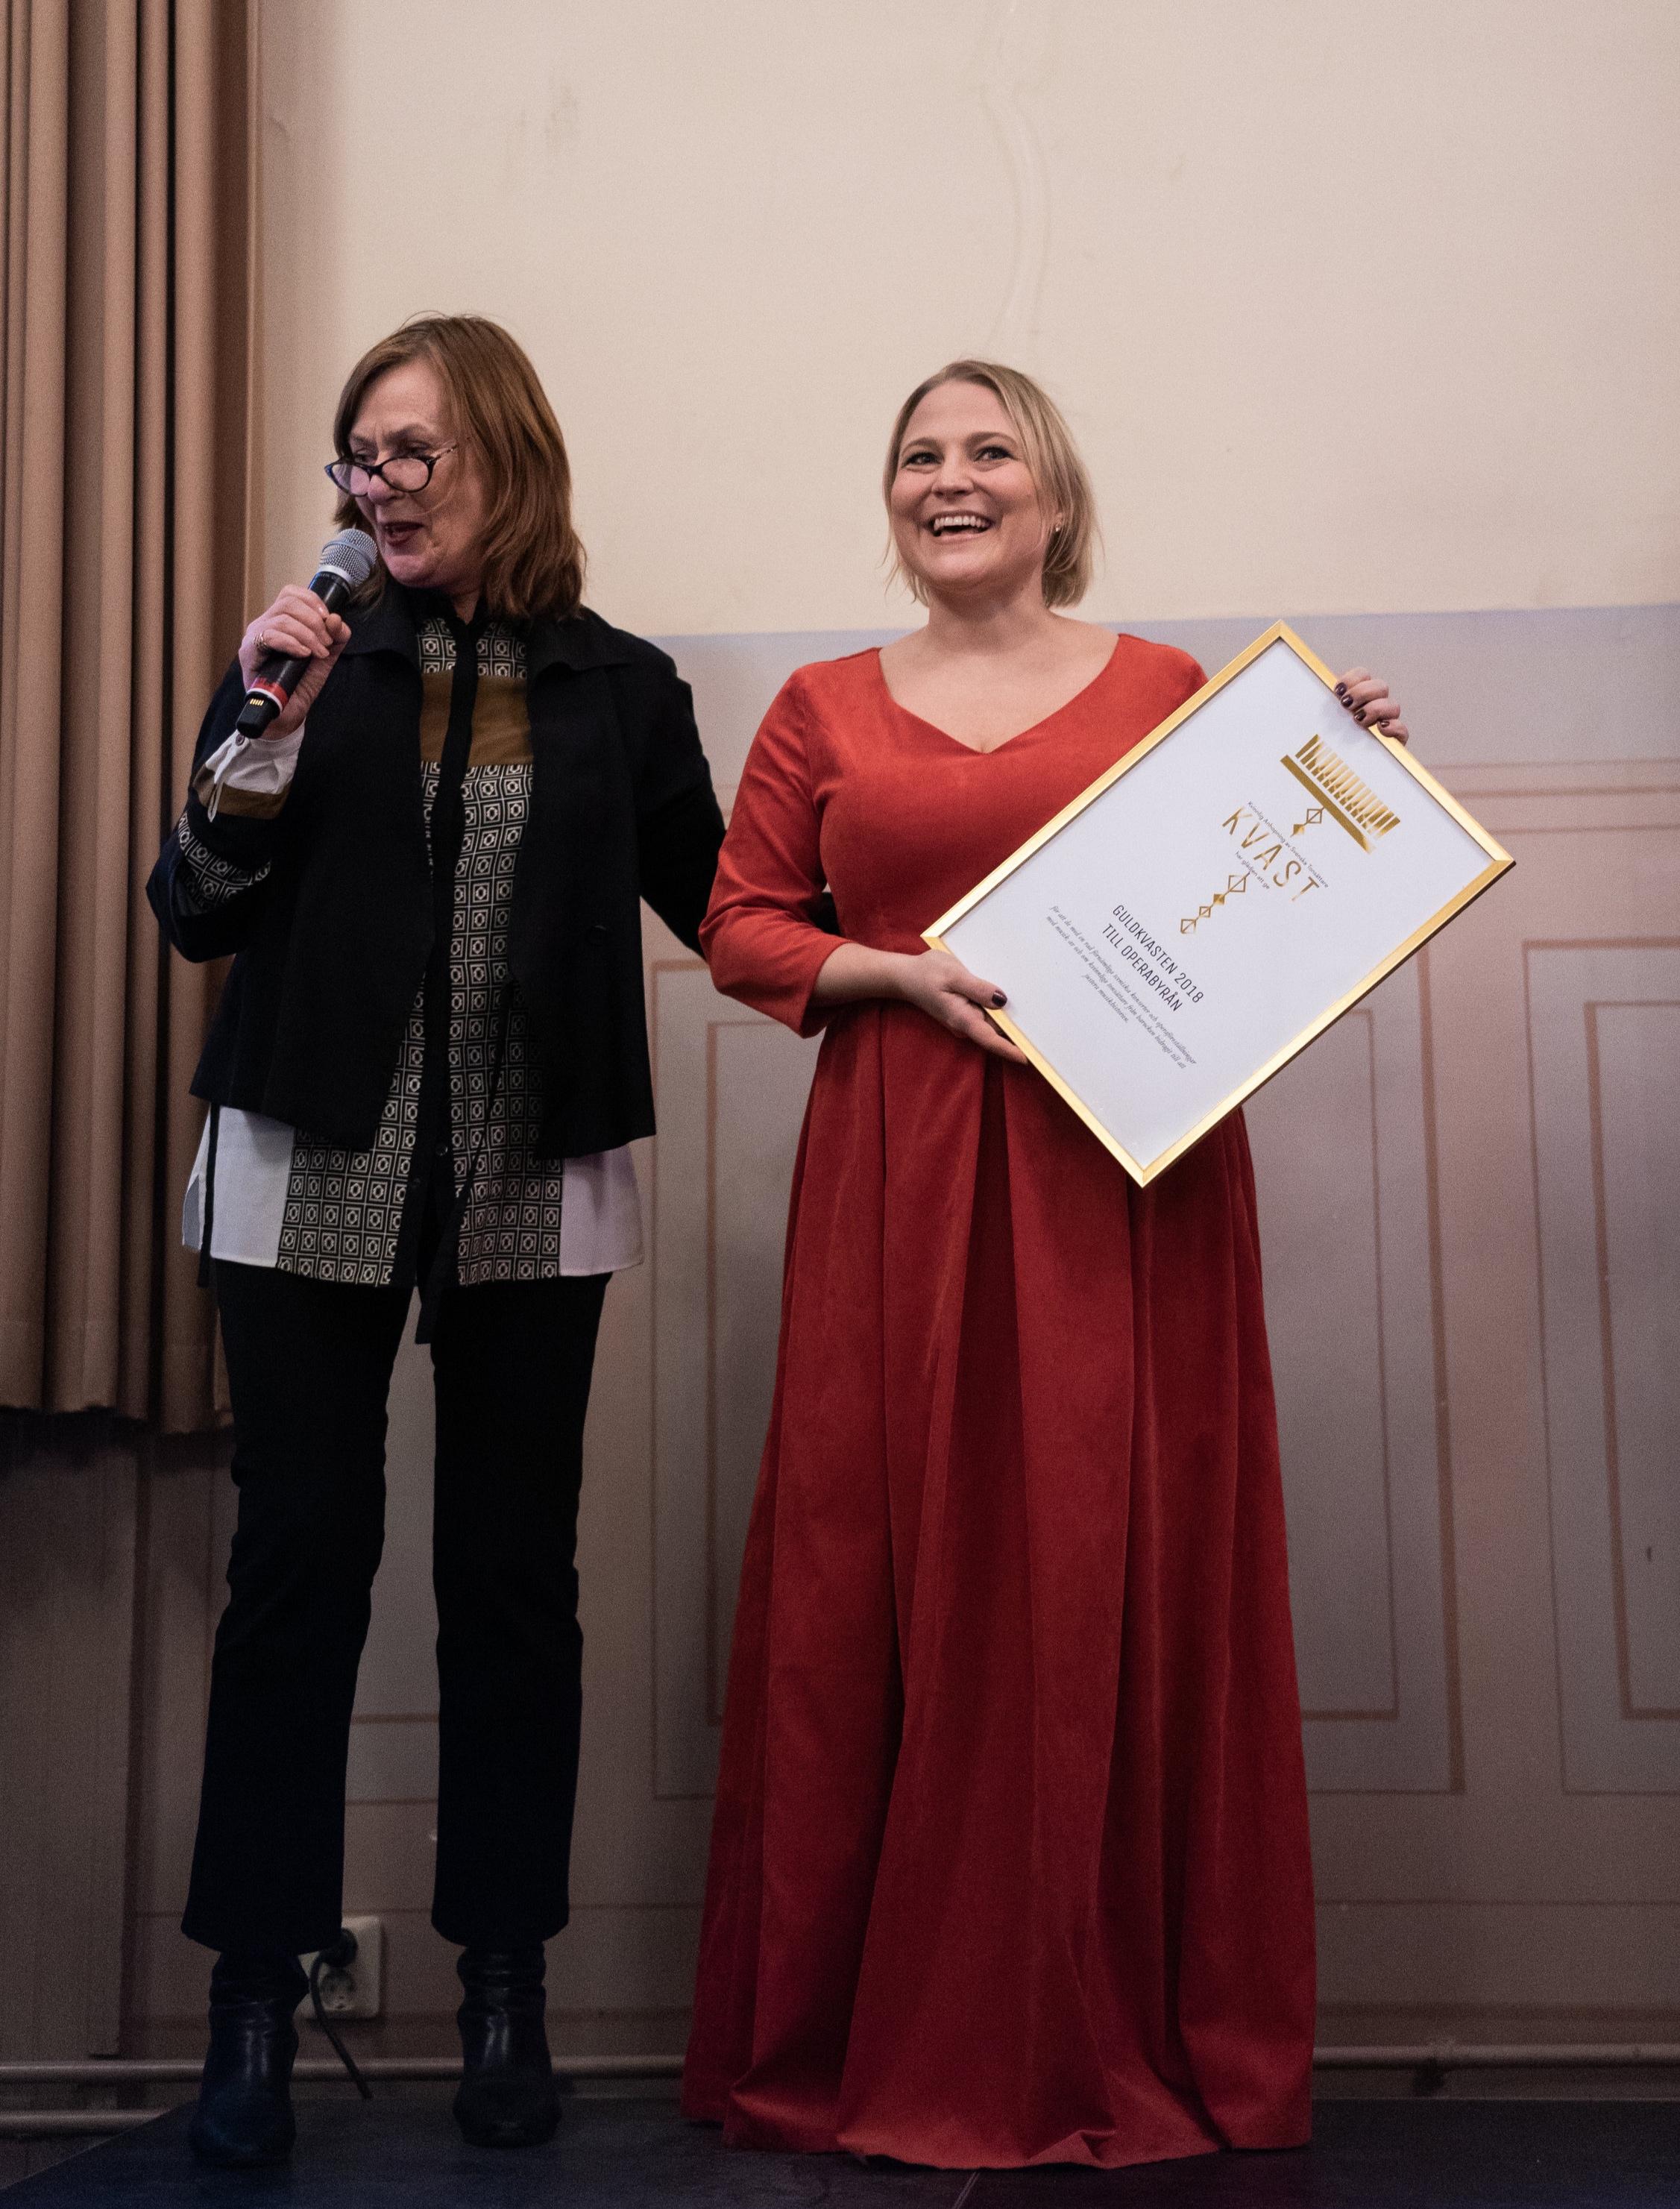 På bilden syns Astrid Hartmann från KVAST och Christina Larsson Malmberg från Operabyrån.  Foto: Hampus Andersson från Svensk Musikvår